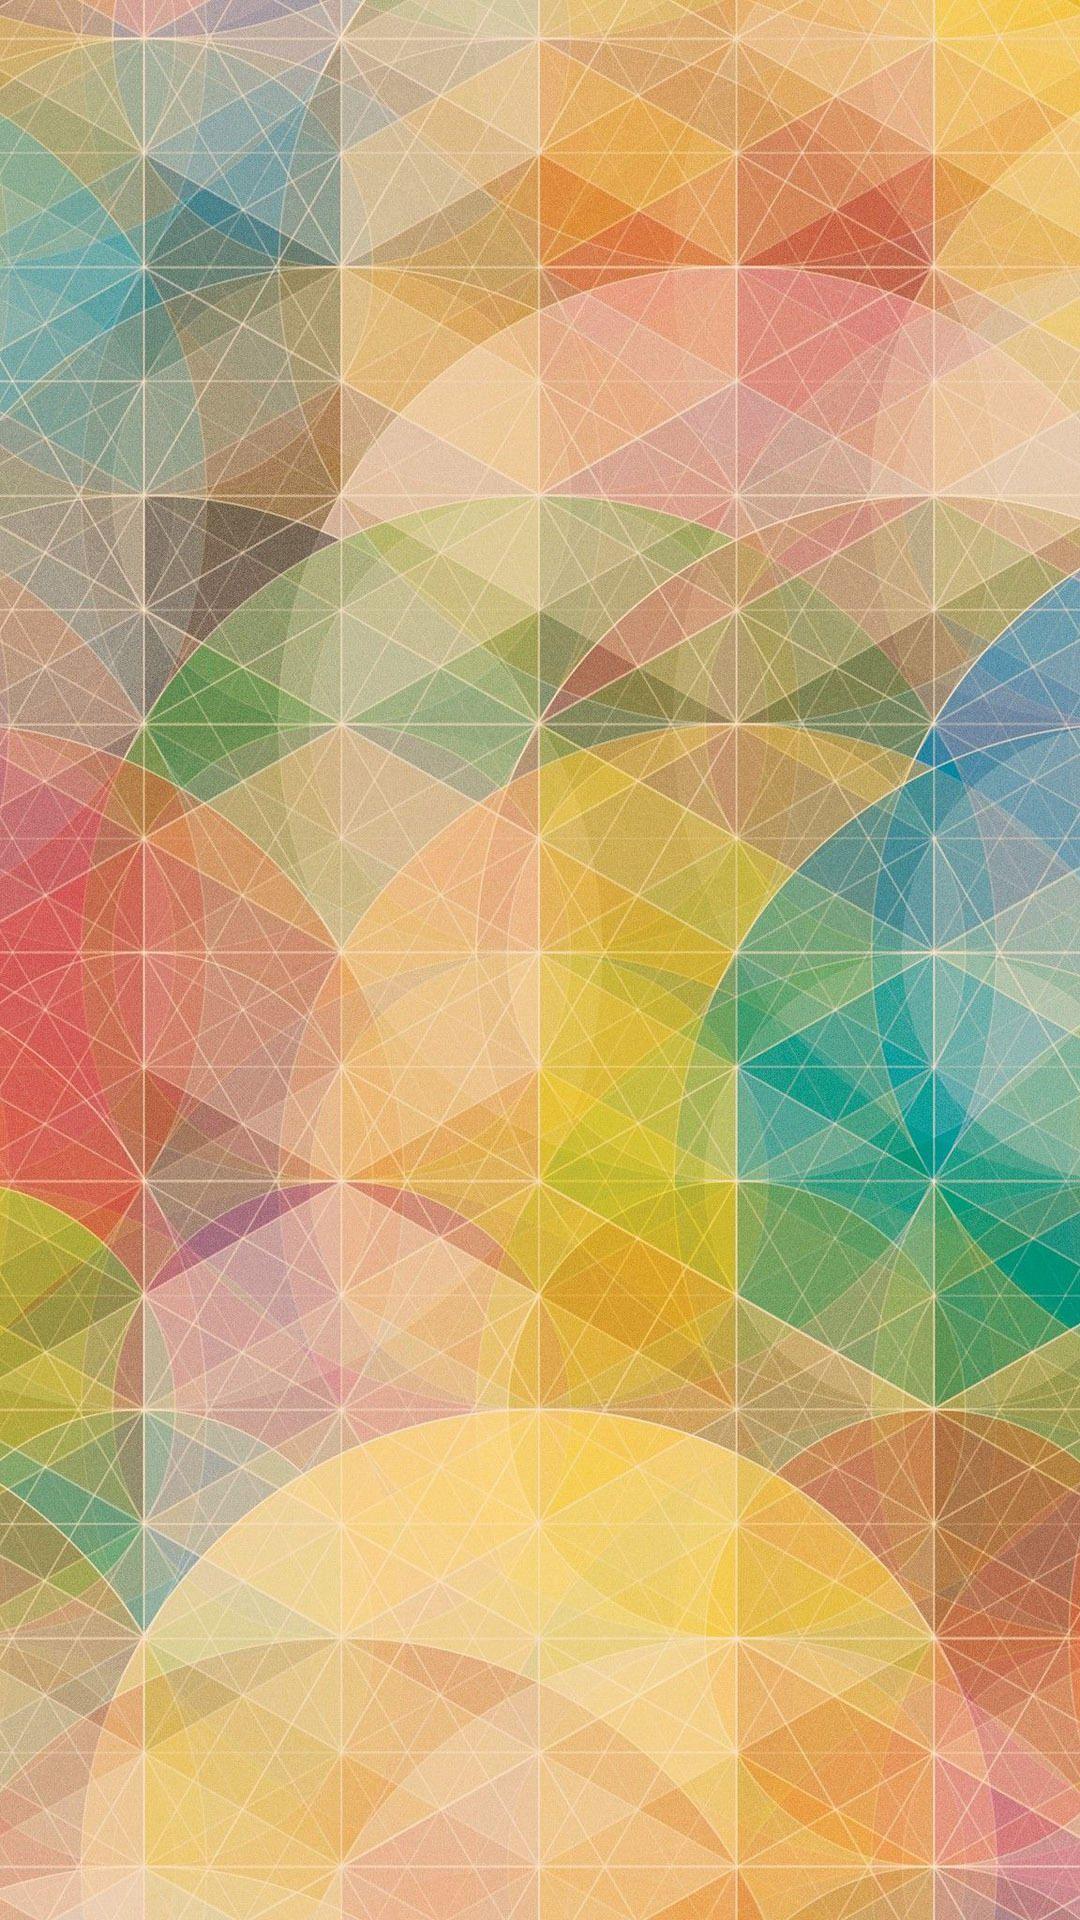 暖色のカラフルな幾何学模様 Iphone6 Plus 壁紙 壁紙 Ipad